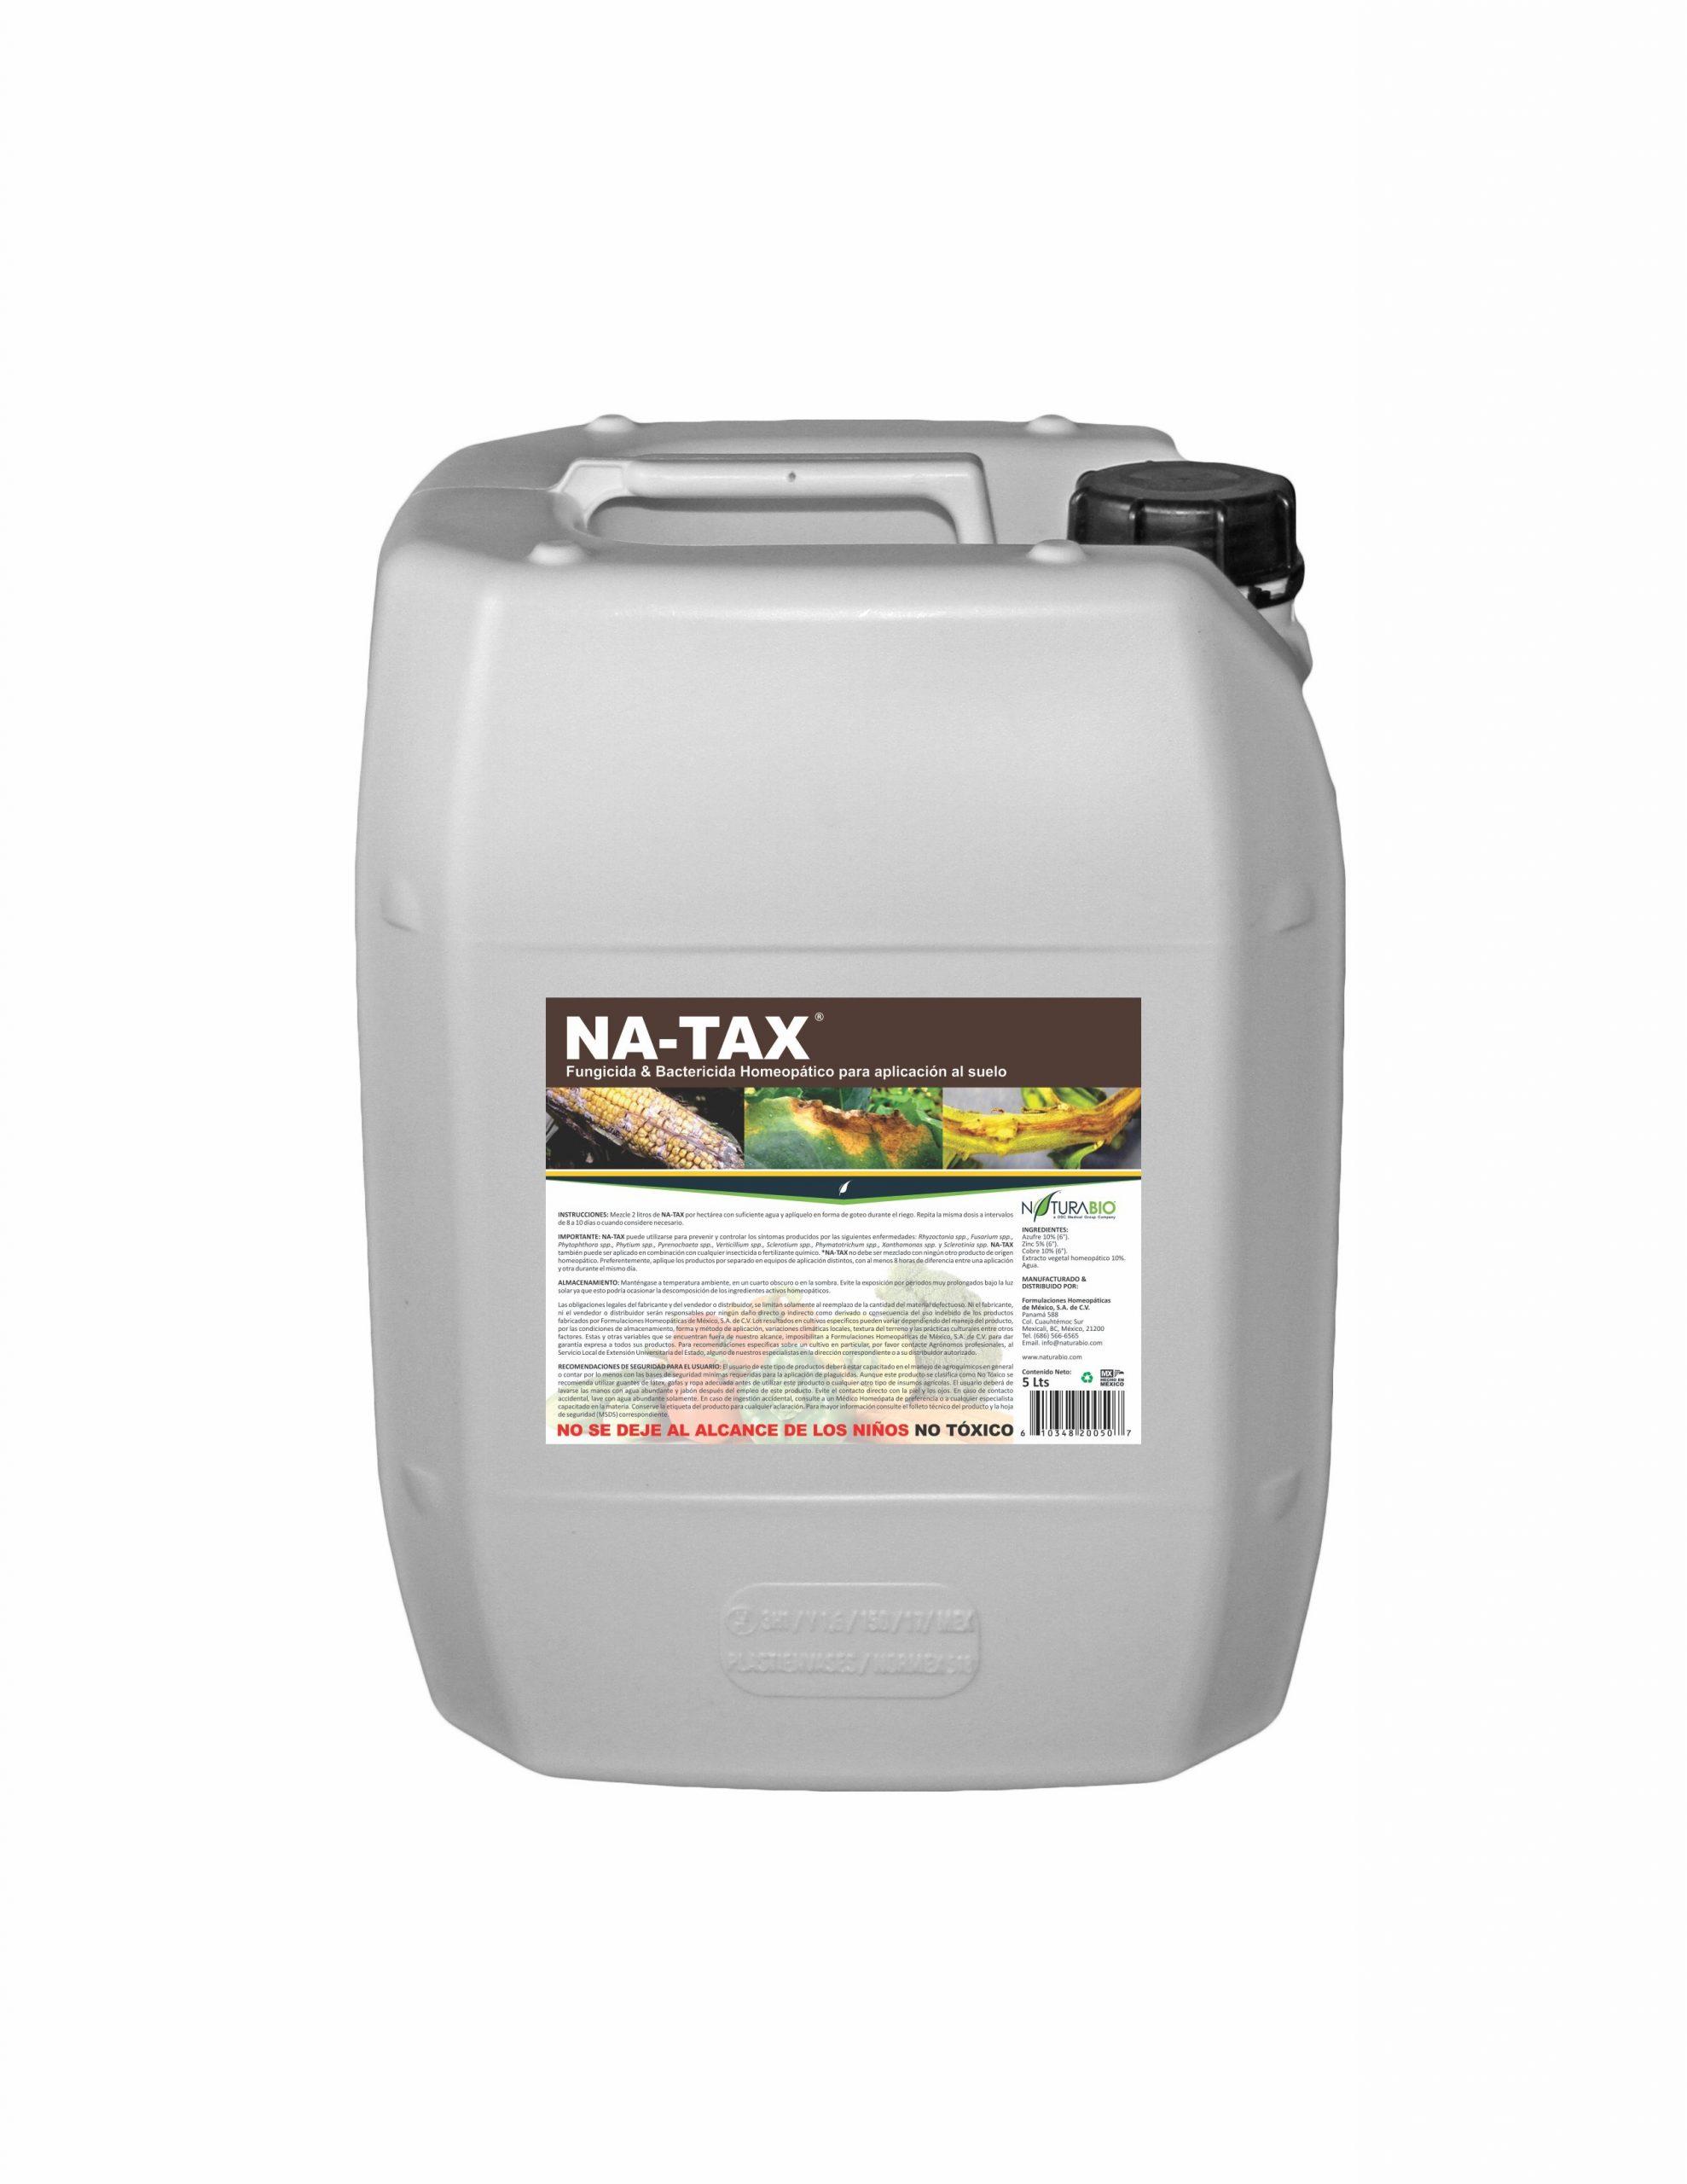 NA-TAX Solución Homeopática auxiliar para Control de Hongos y Bacterias del Suelo